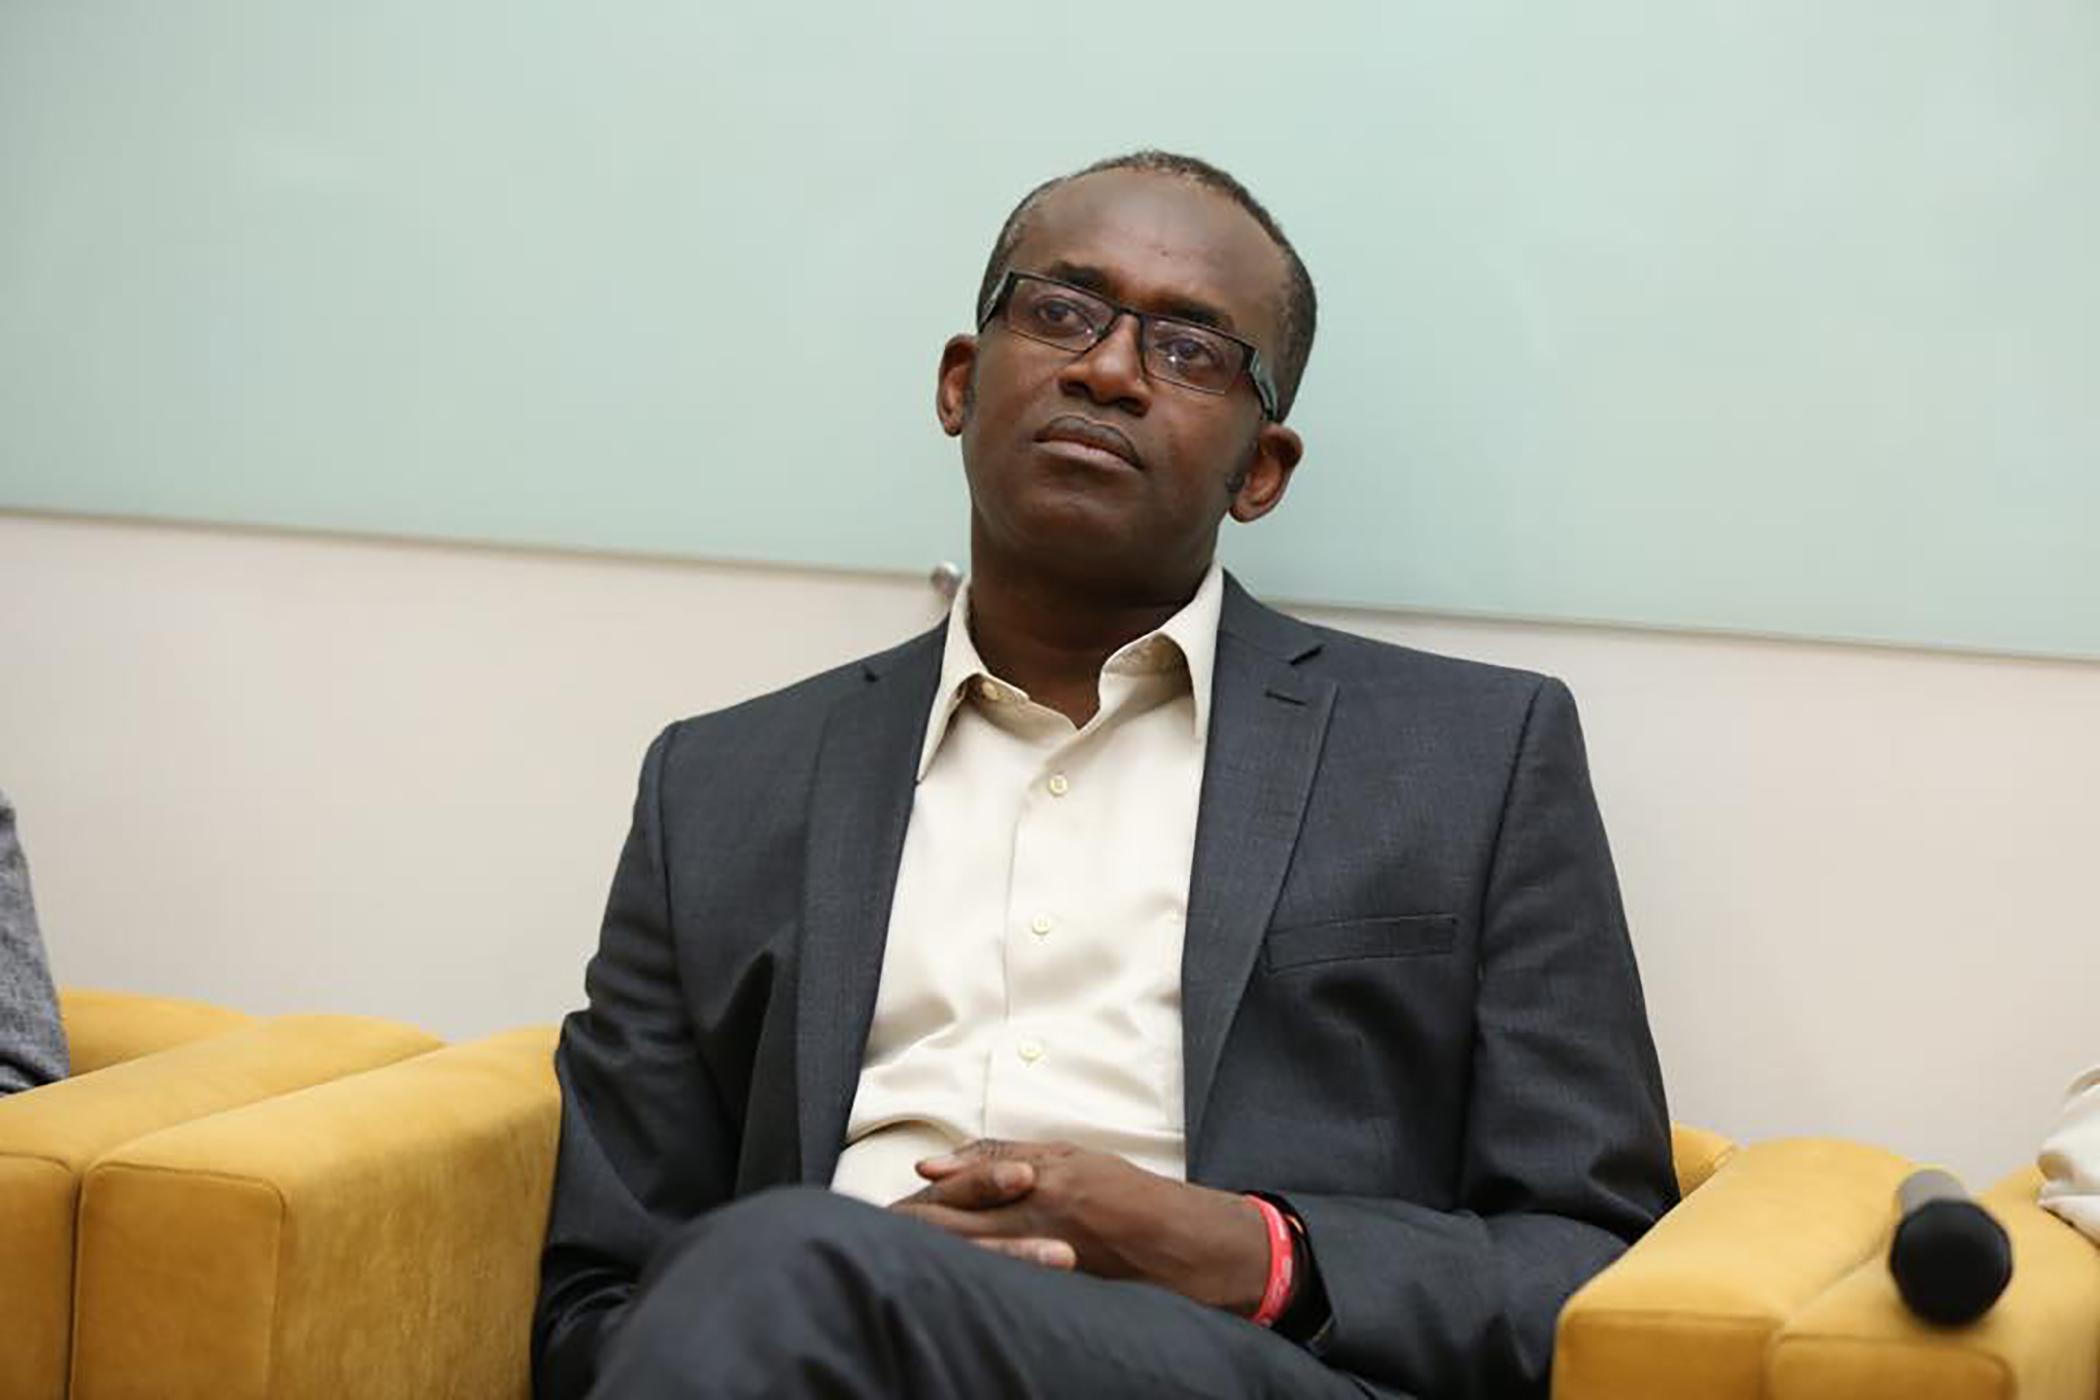 Technoworld/Տեխնոաշխարհ #3. Ալմուստաֆա Ամադու Սիսս.  #Հայաստանն ավելի հաջողակ է, քան աֆրիկյան մի քանի պետություն